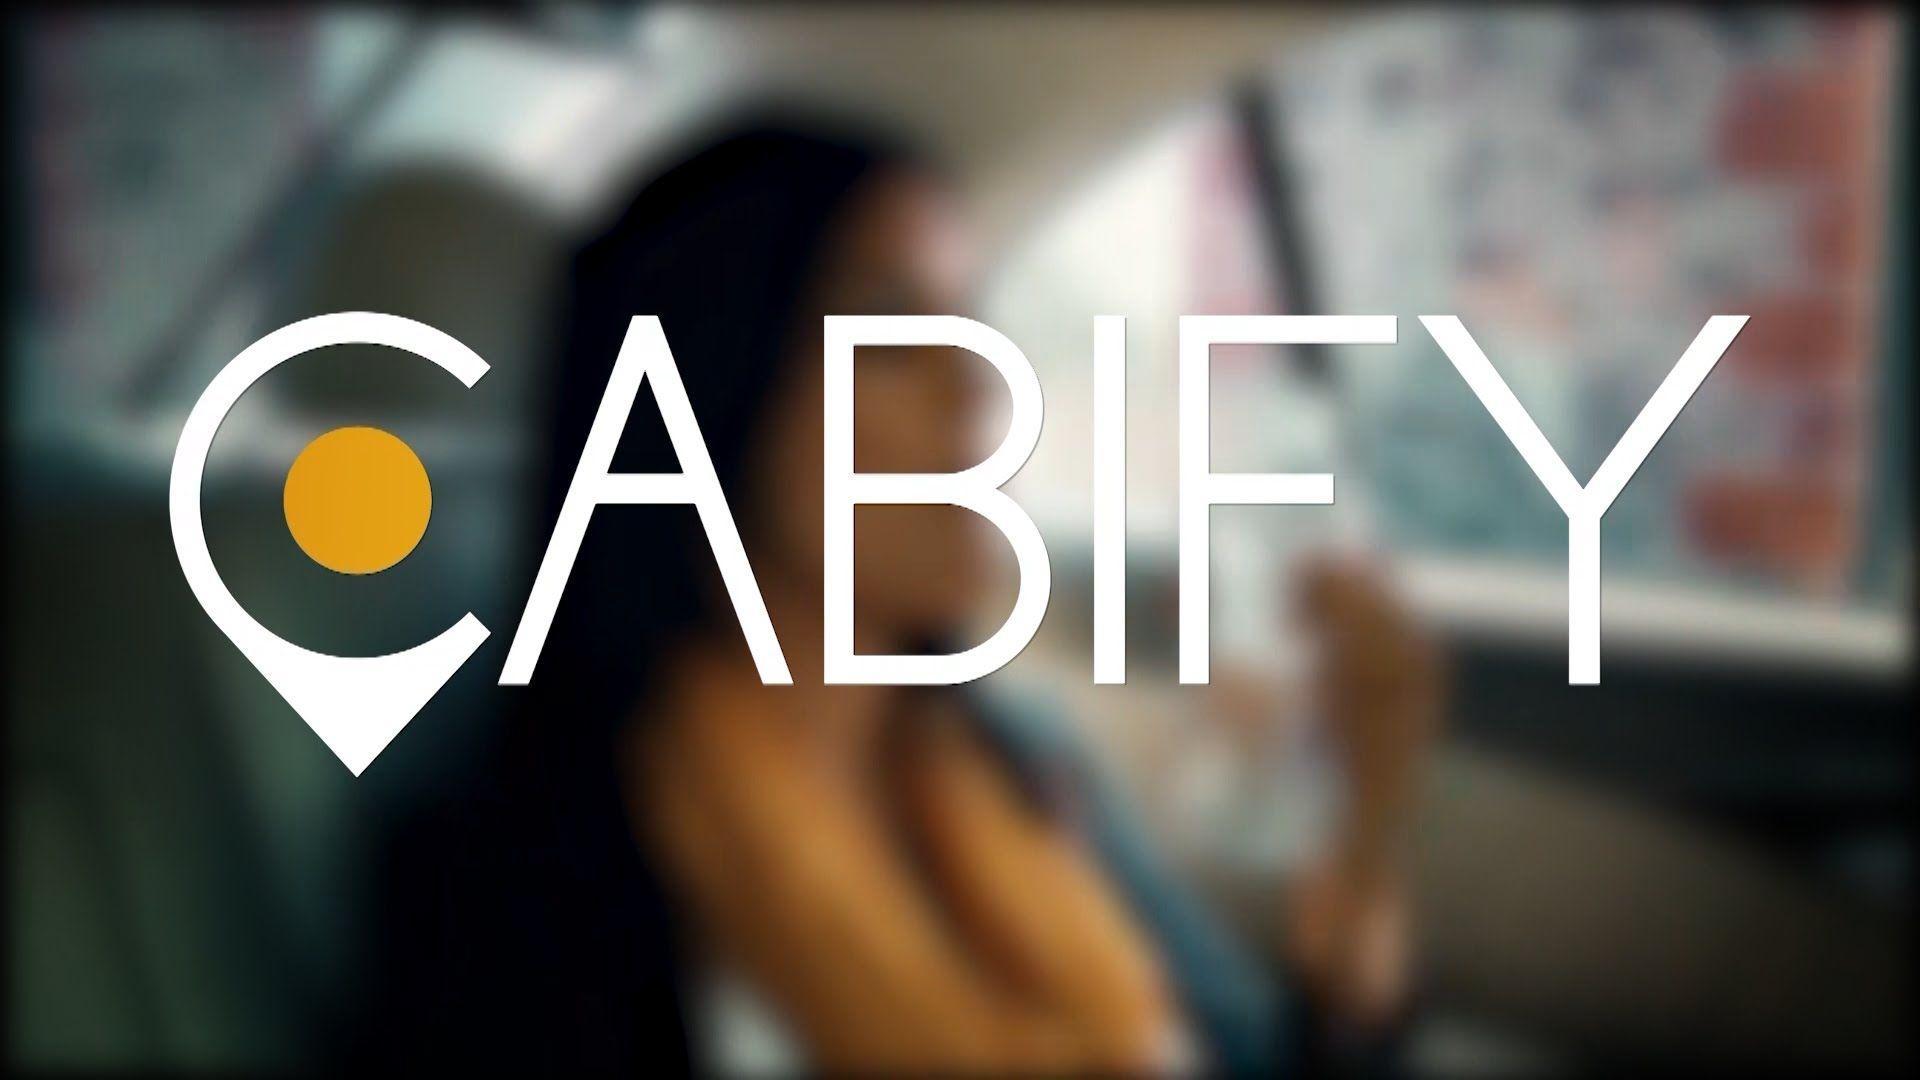 Cabify se prepara para comenzar a operar en Rosario